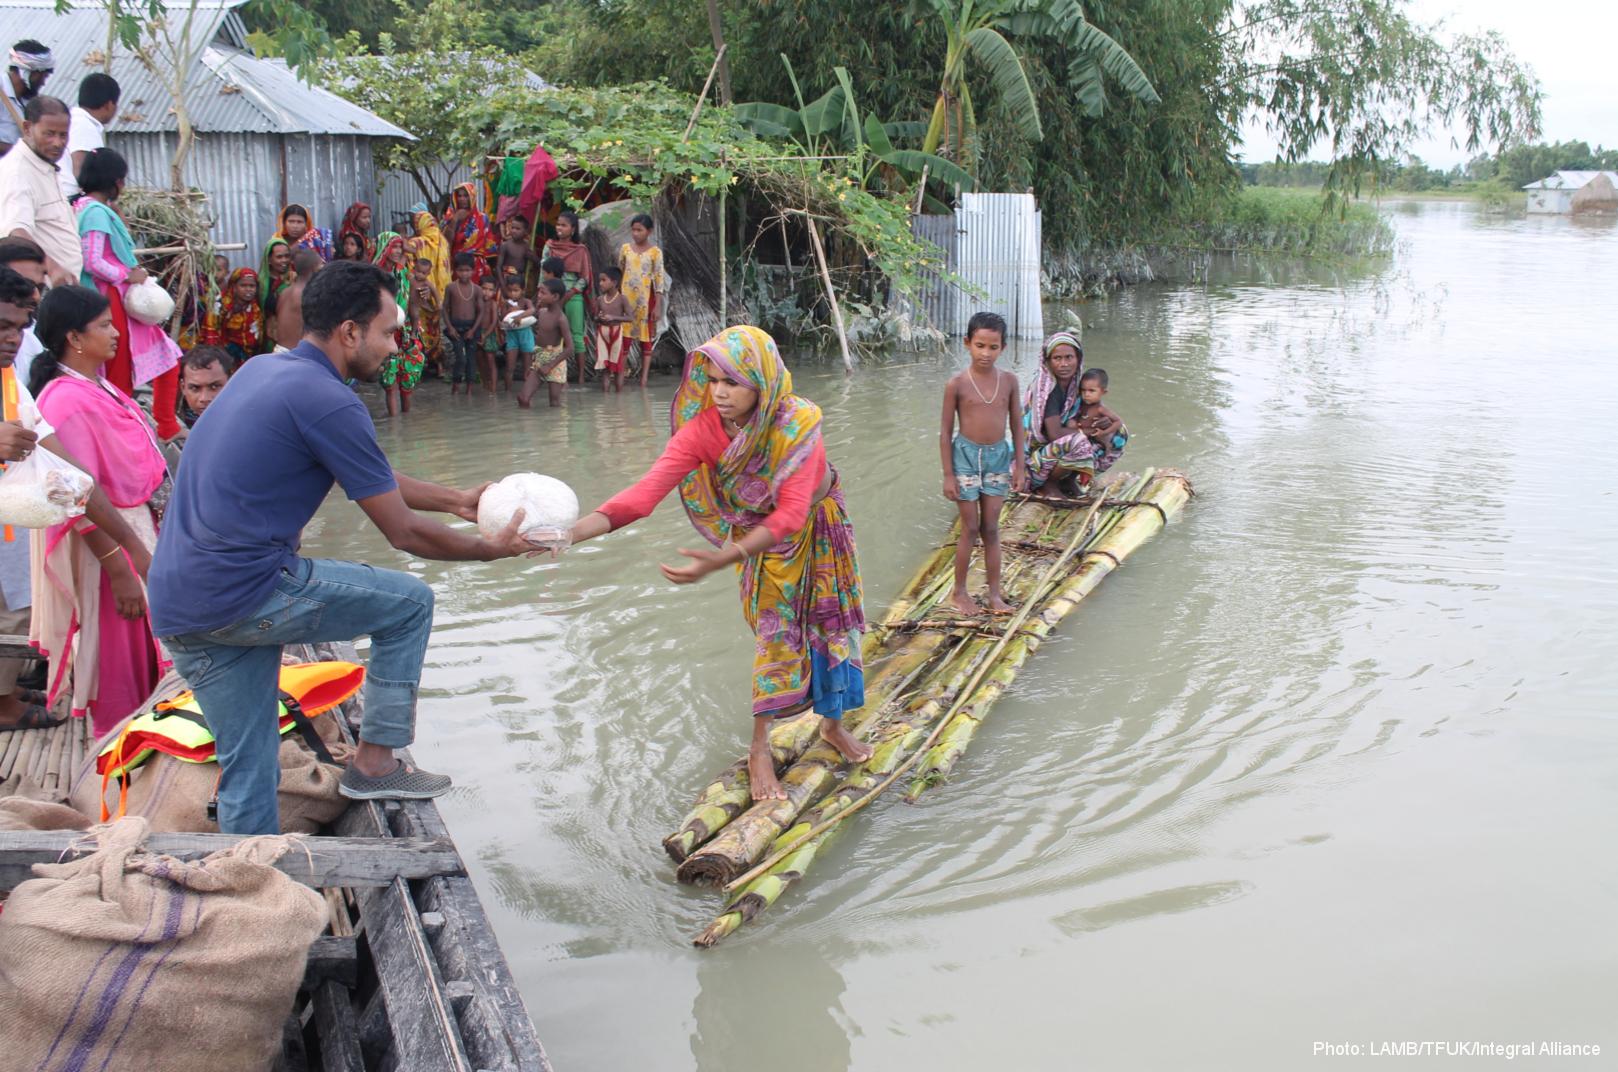 20170830_SA Floods_03s1